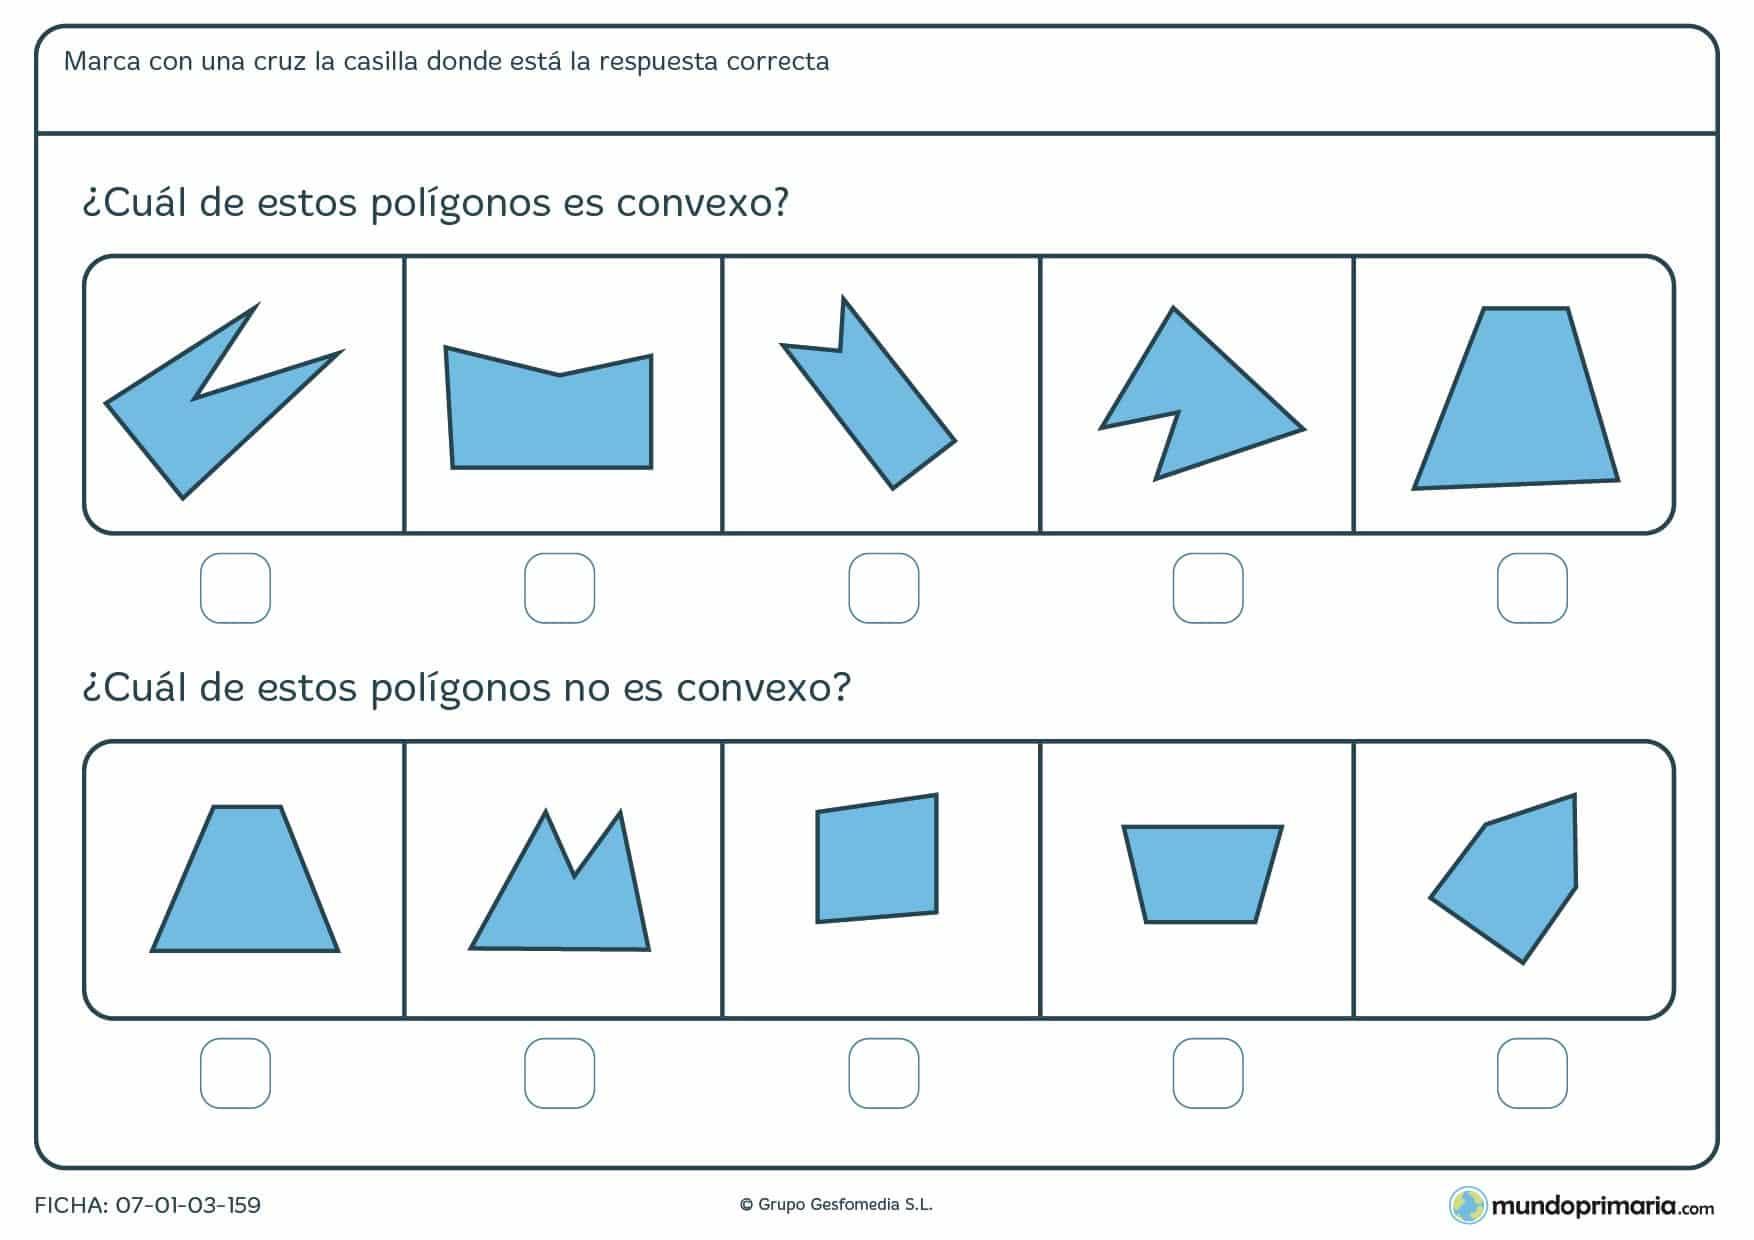 Ficha de polígonos convexos en la que has de marcar si son o no convexos, según el enunciado.